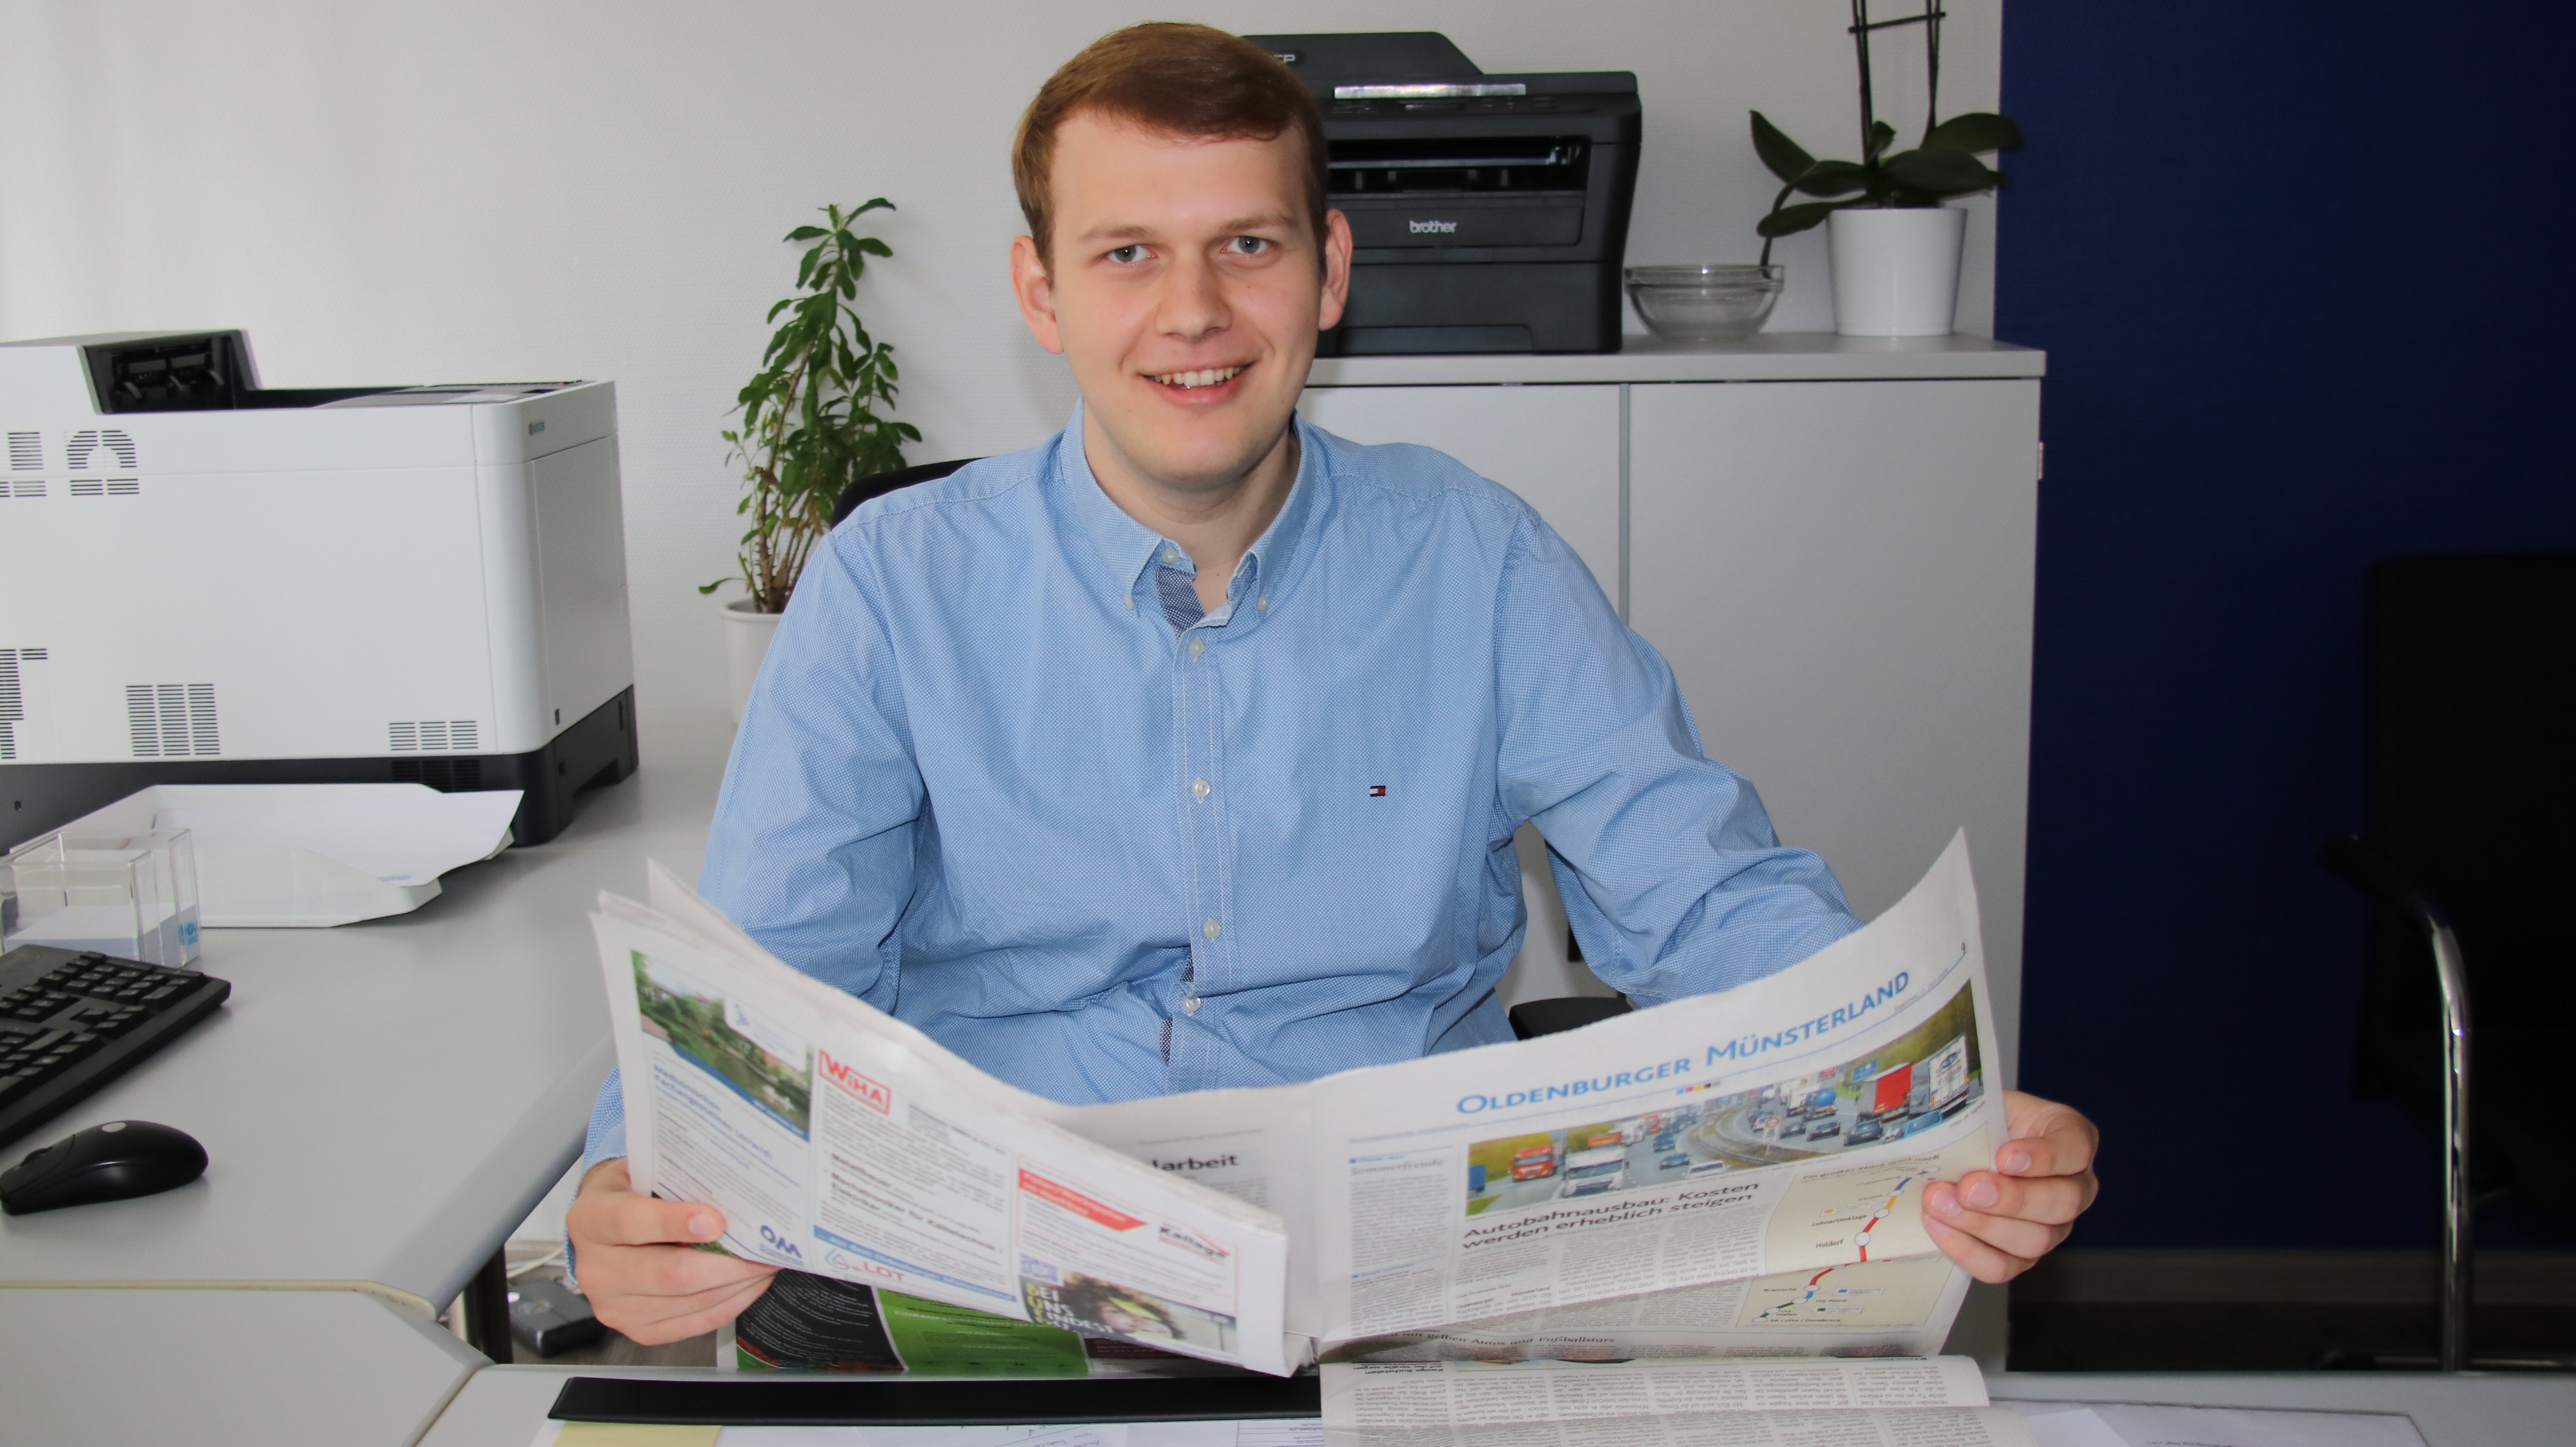 Auf Stimmenfang im Rheinland: Philipp Albrecht ist an verantwortlicher Stelle im Wahlkampf der CDU in Köln tätig. Er hofft am 13. September auf einen Stimmenzuwachs. Foto: Lammert